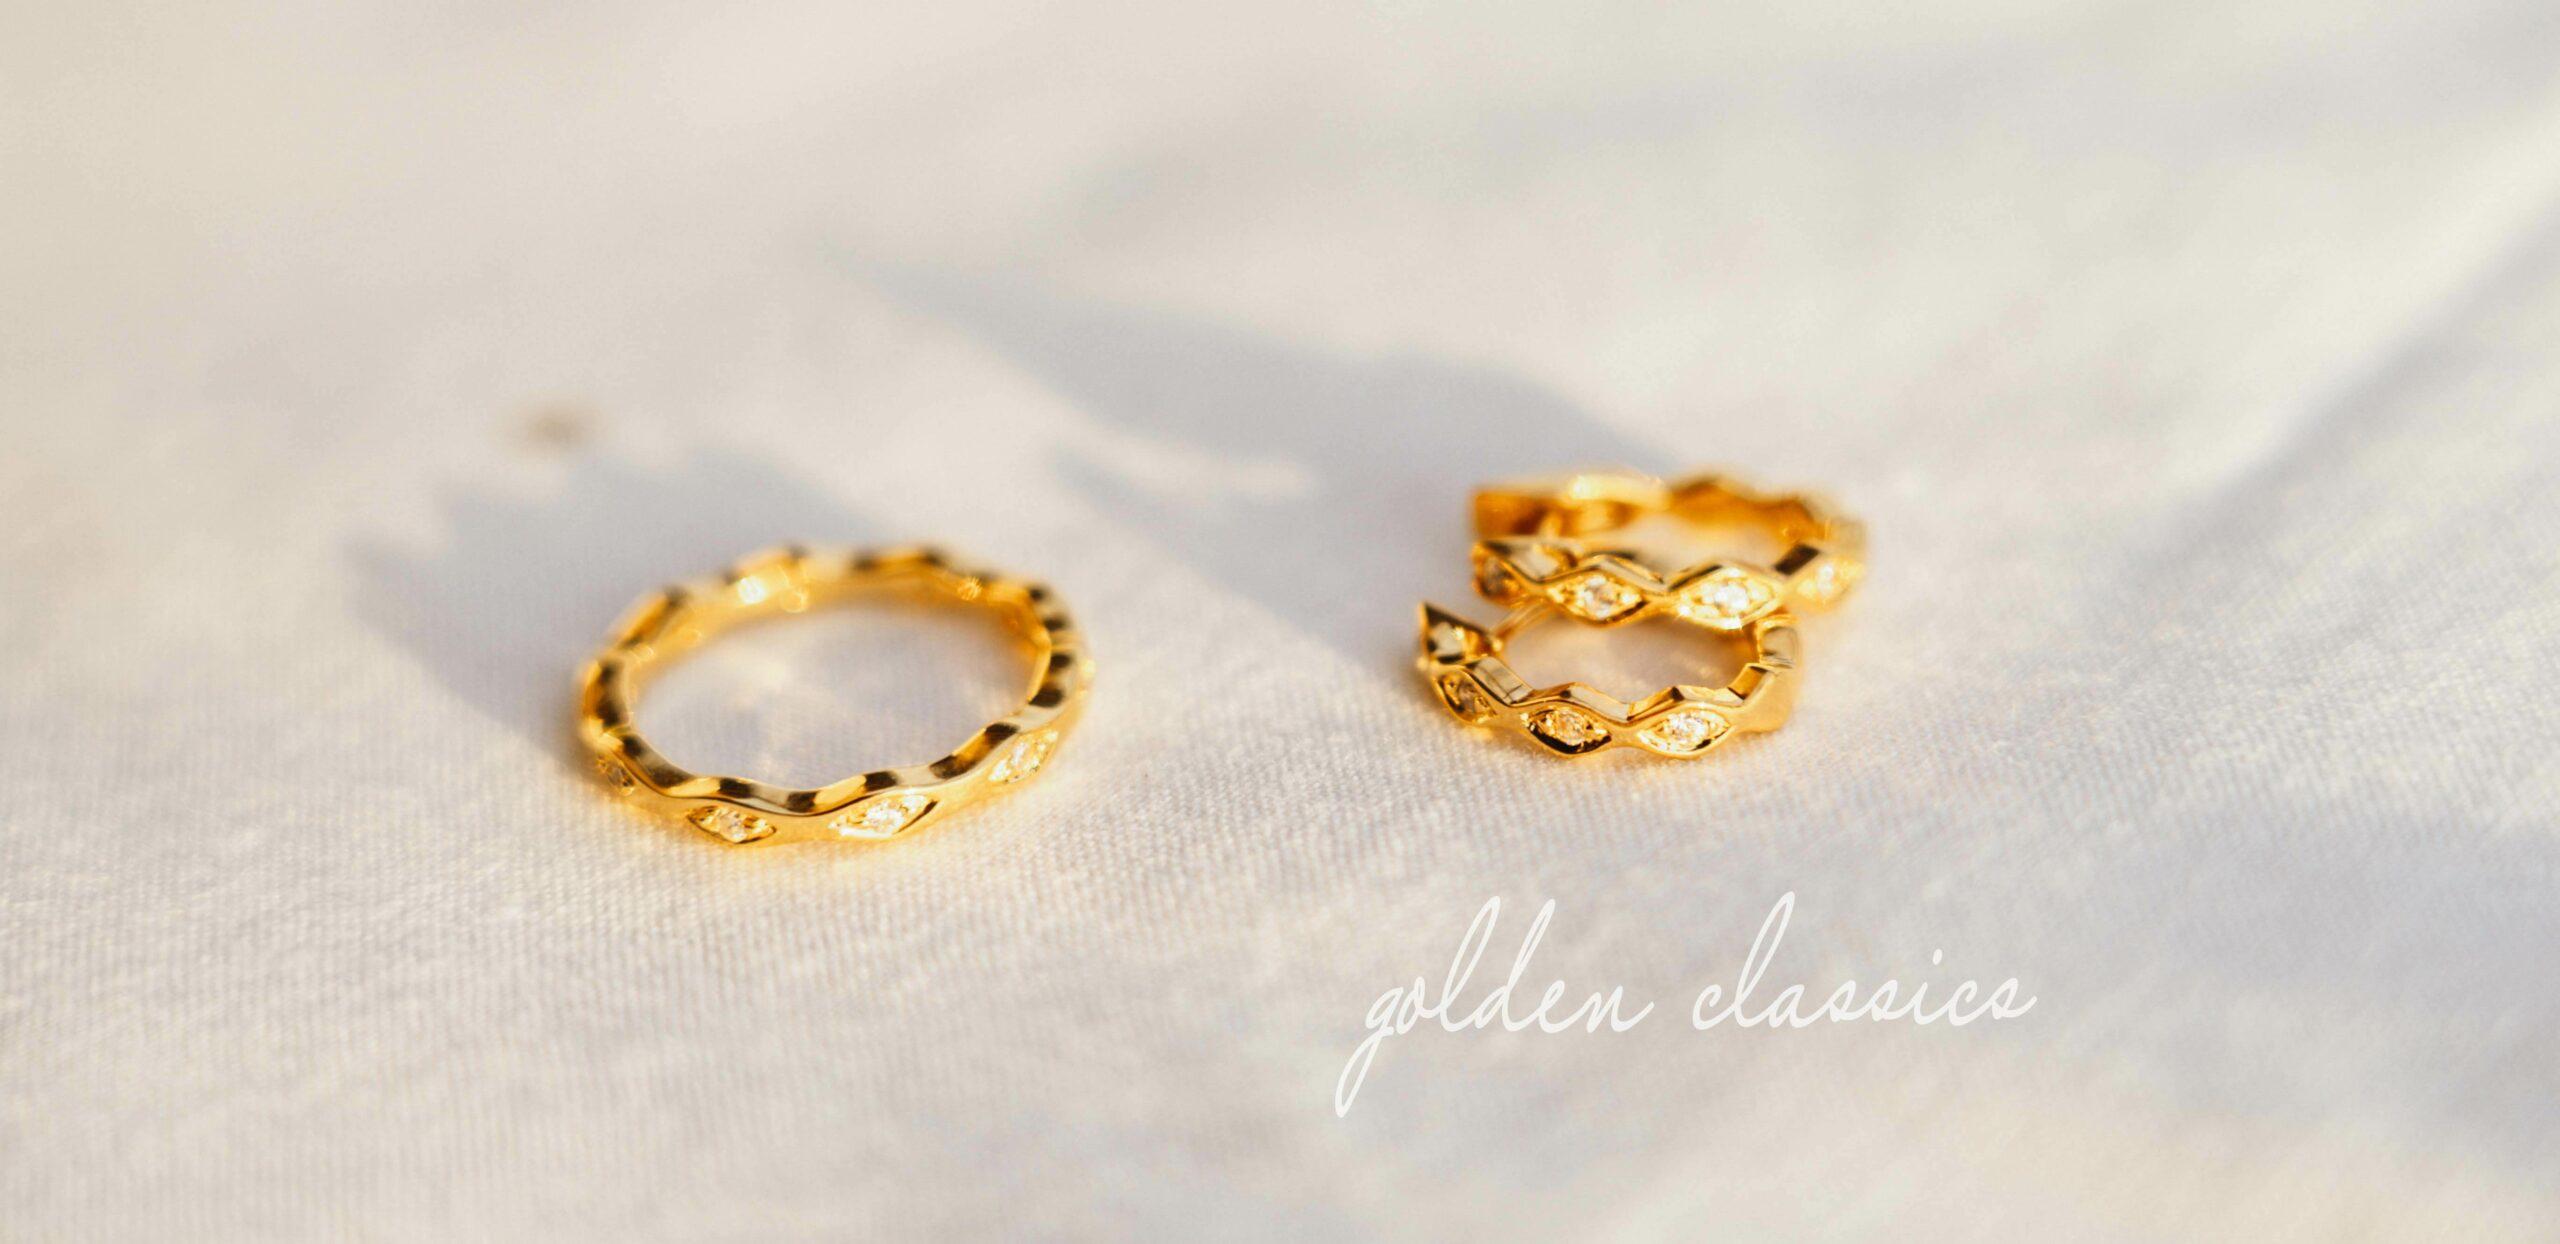 VIVENTY Silberschmuck Collection golden classics